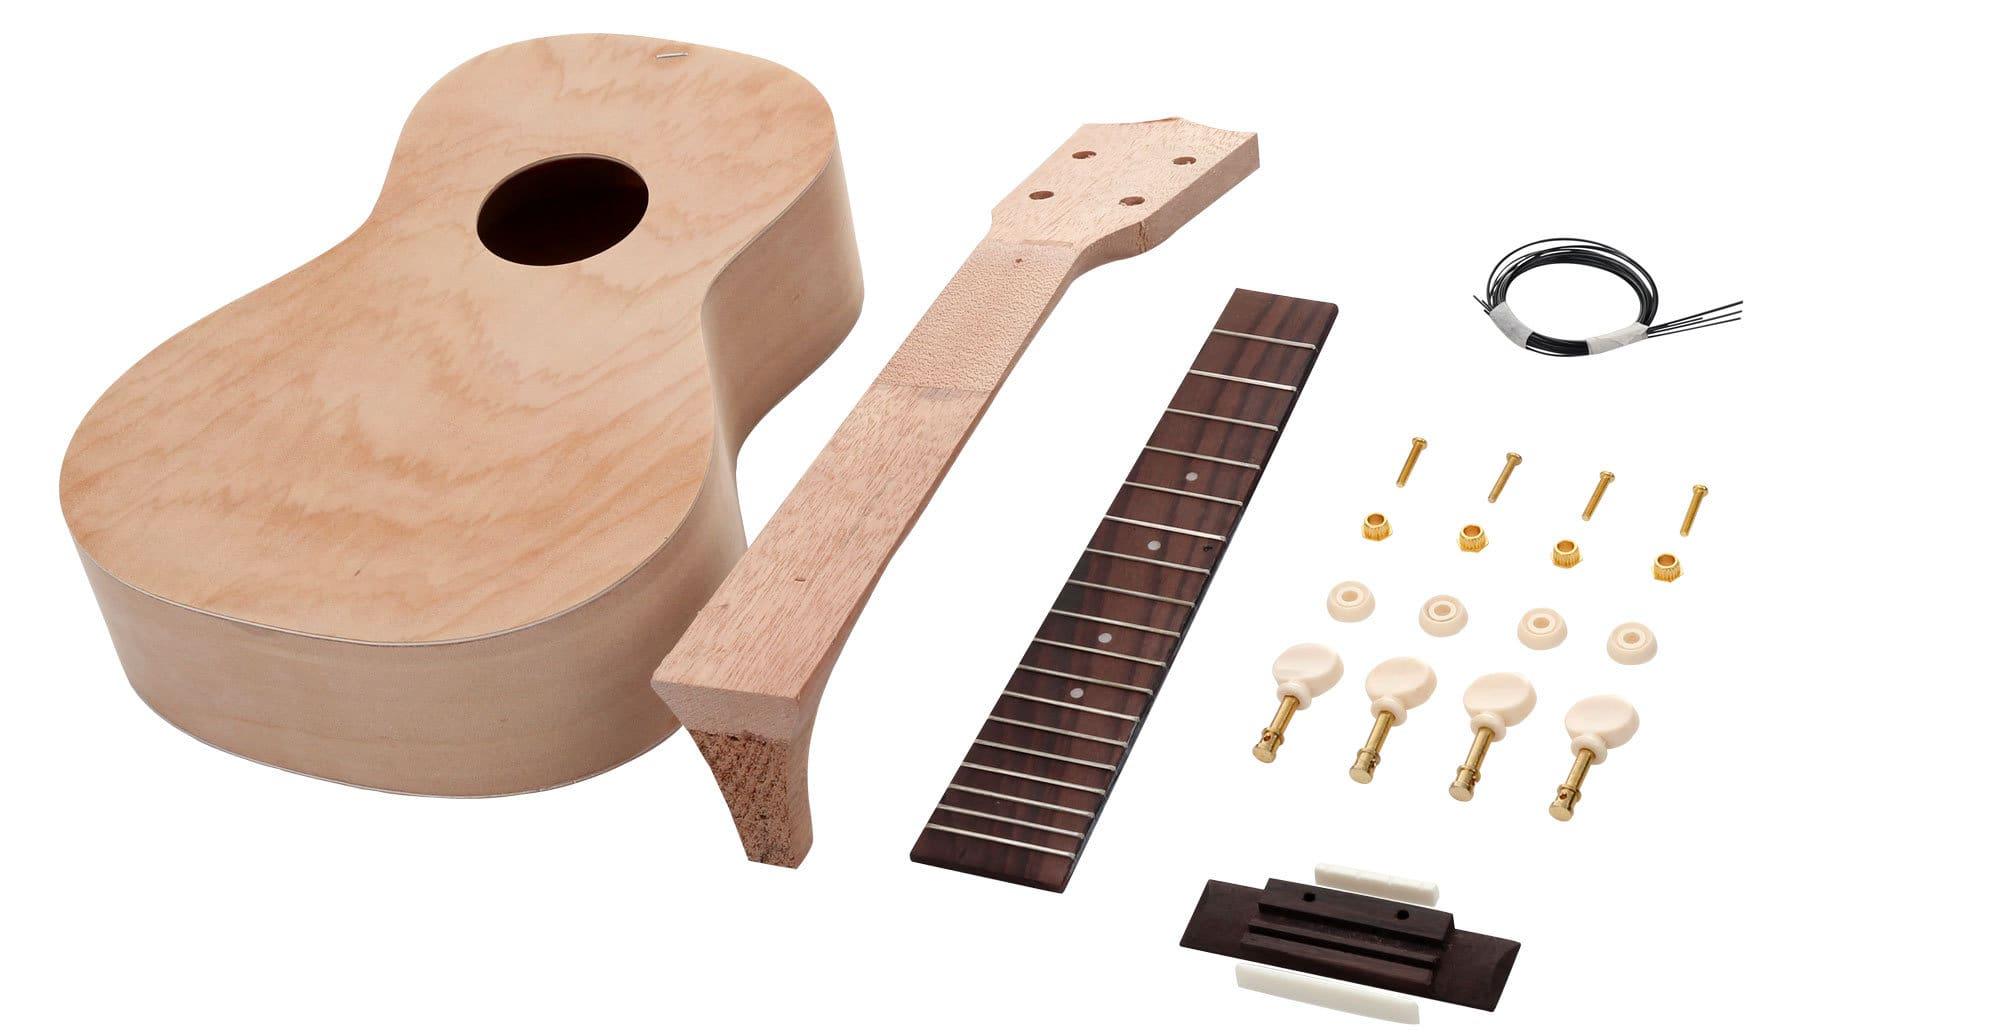 Diy ukulele kit for Diy pictures